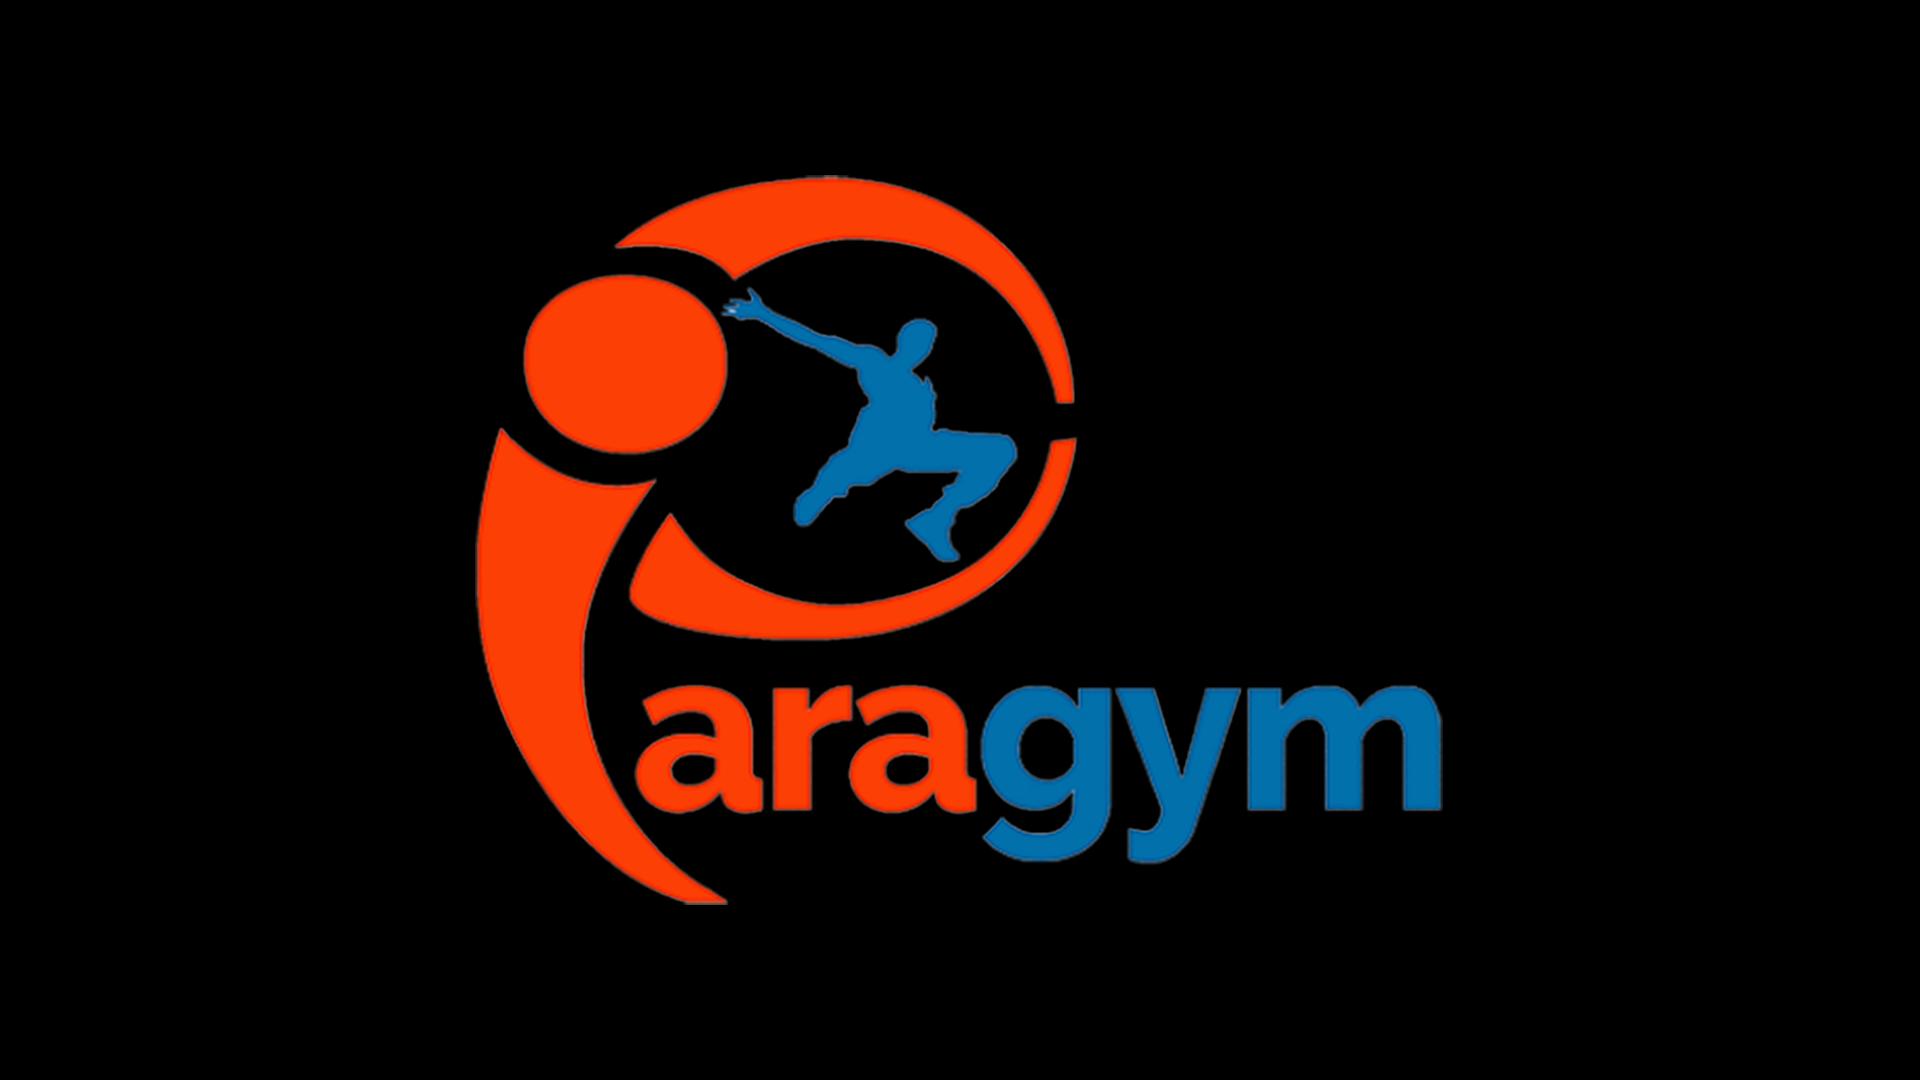 paragym:-entraîner-les-superhéros-de-demain